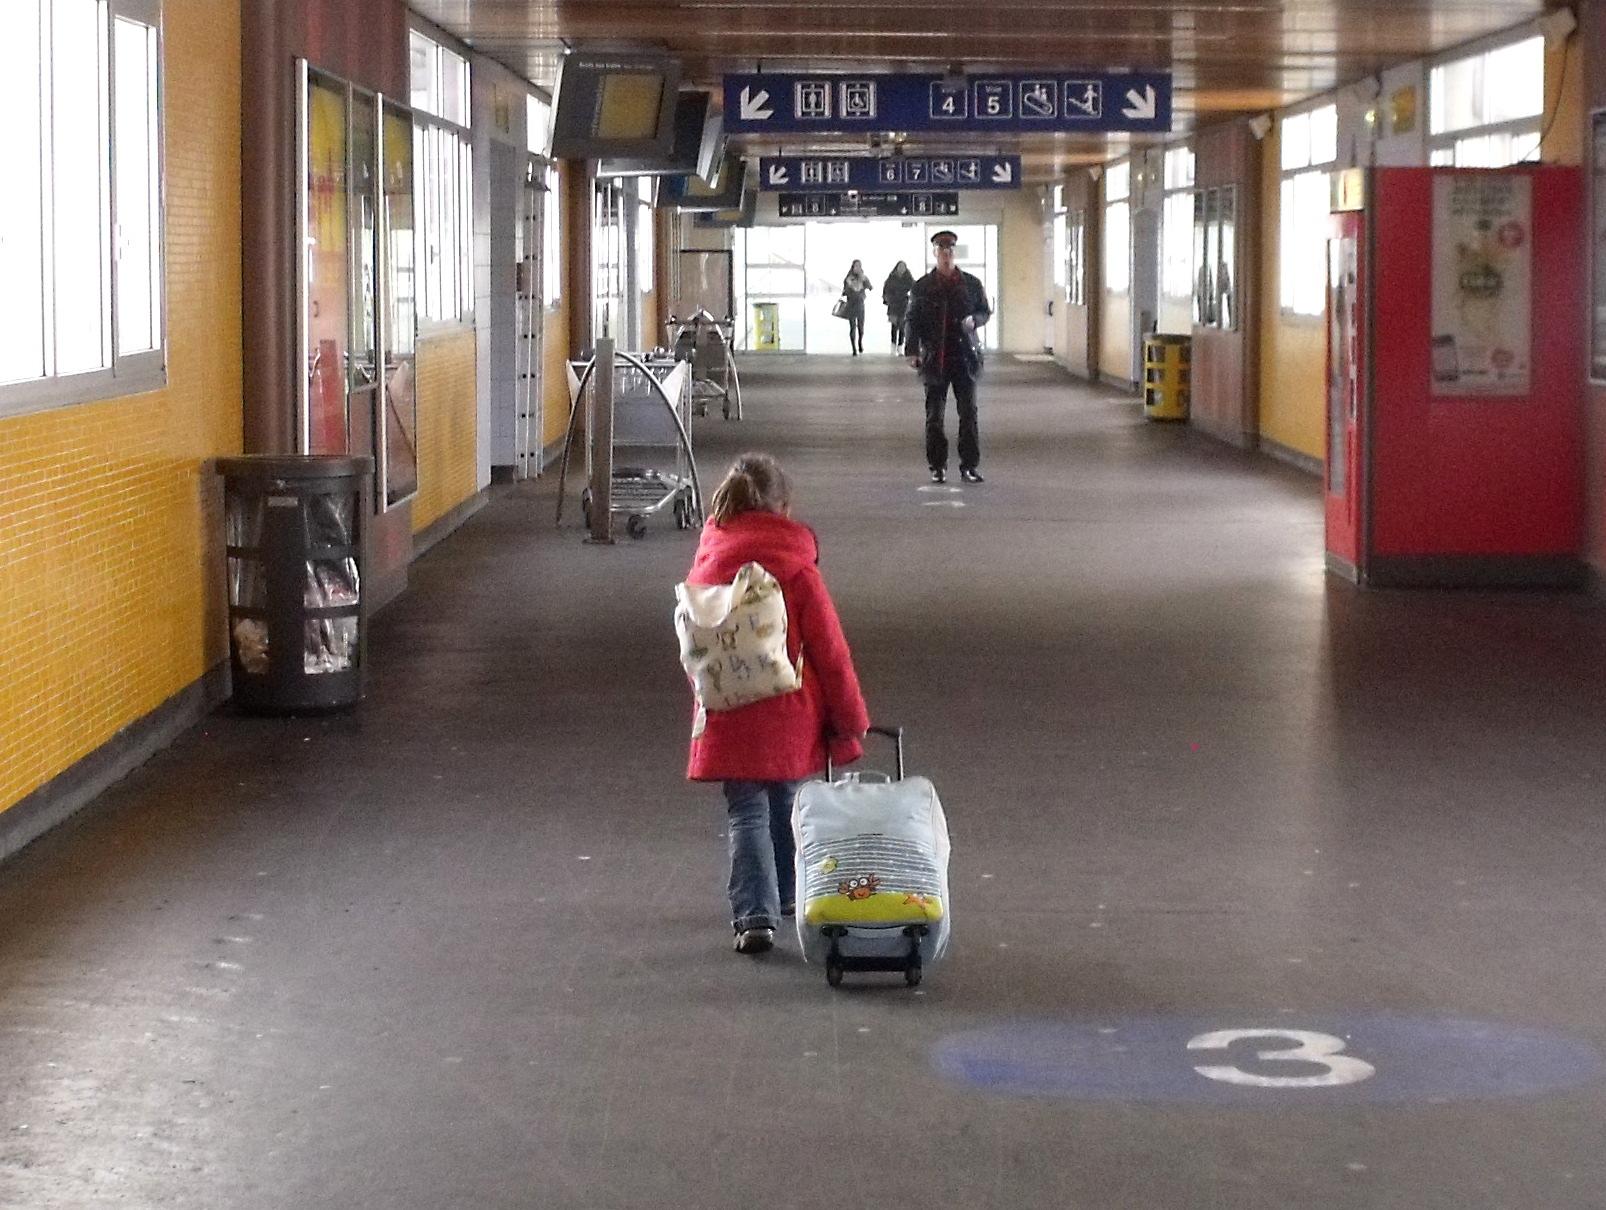 à la gare avec sa valise